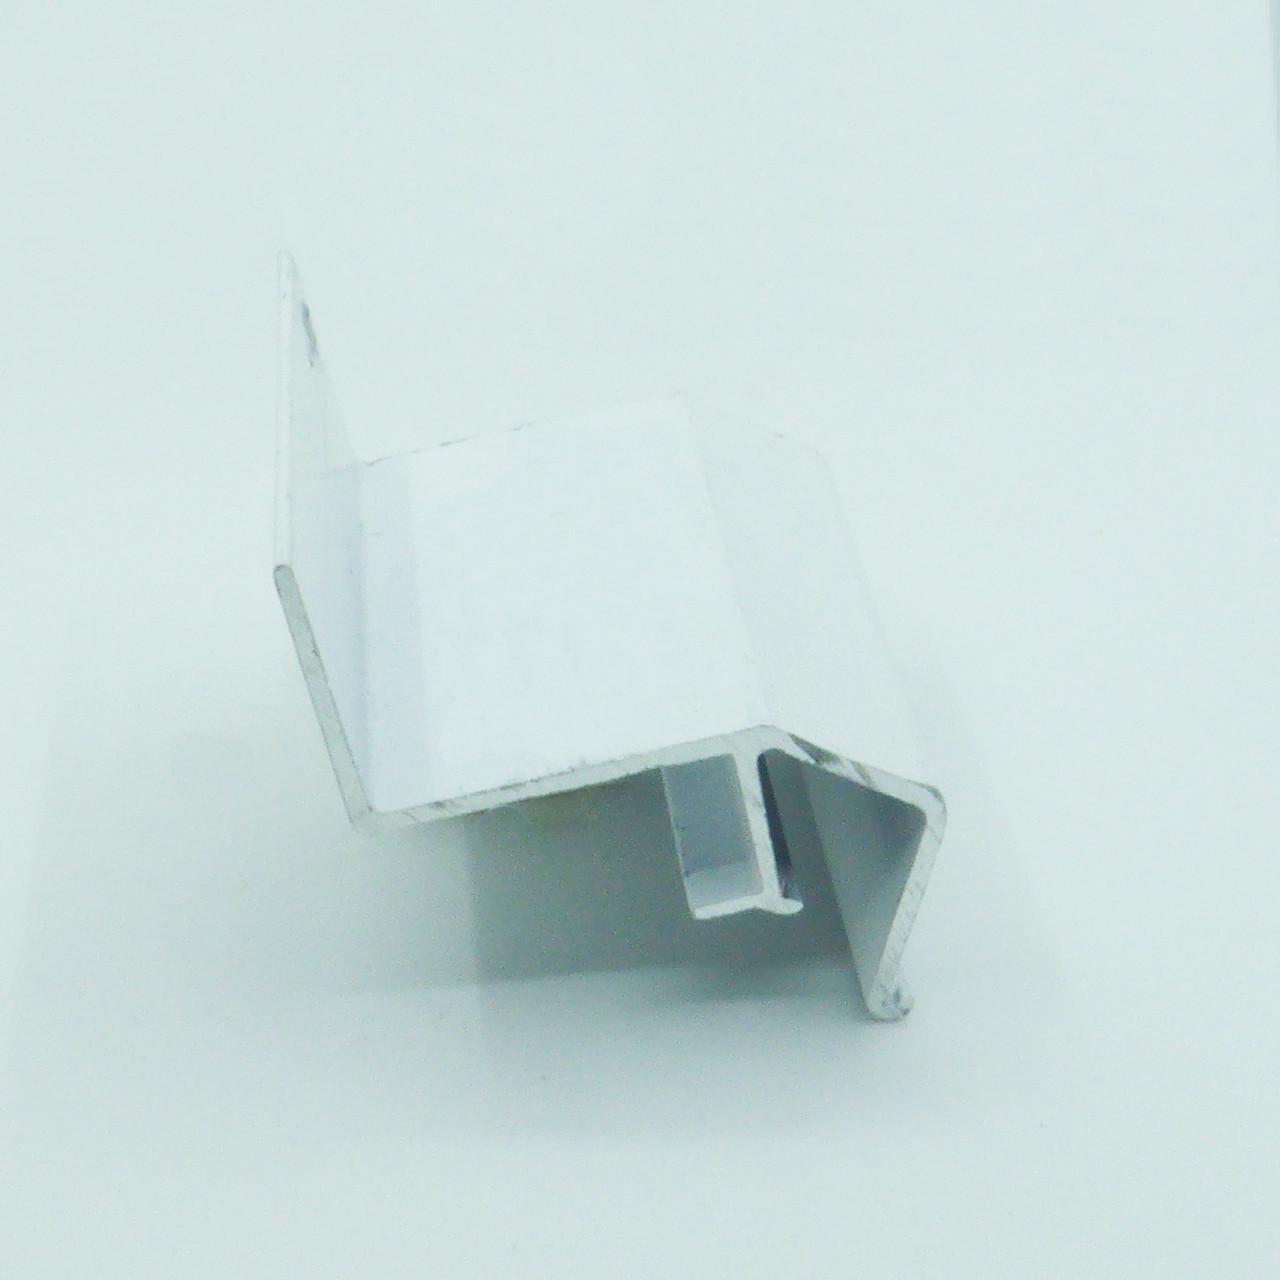 Профиль алюминиевый для натяжных потолков - парящий, усиленный, крашеный белый, без вставки №3. Длина профиля 2,5 м.